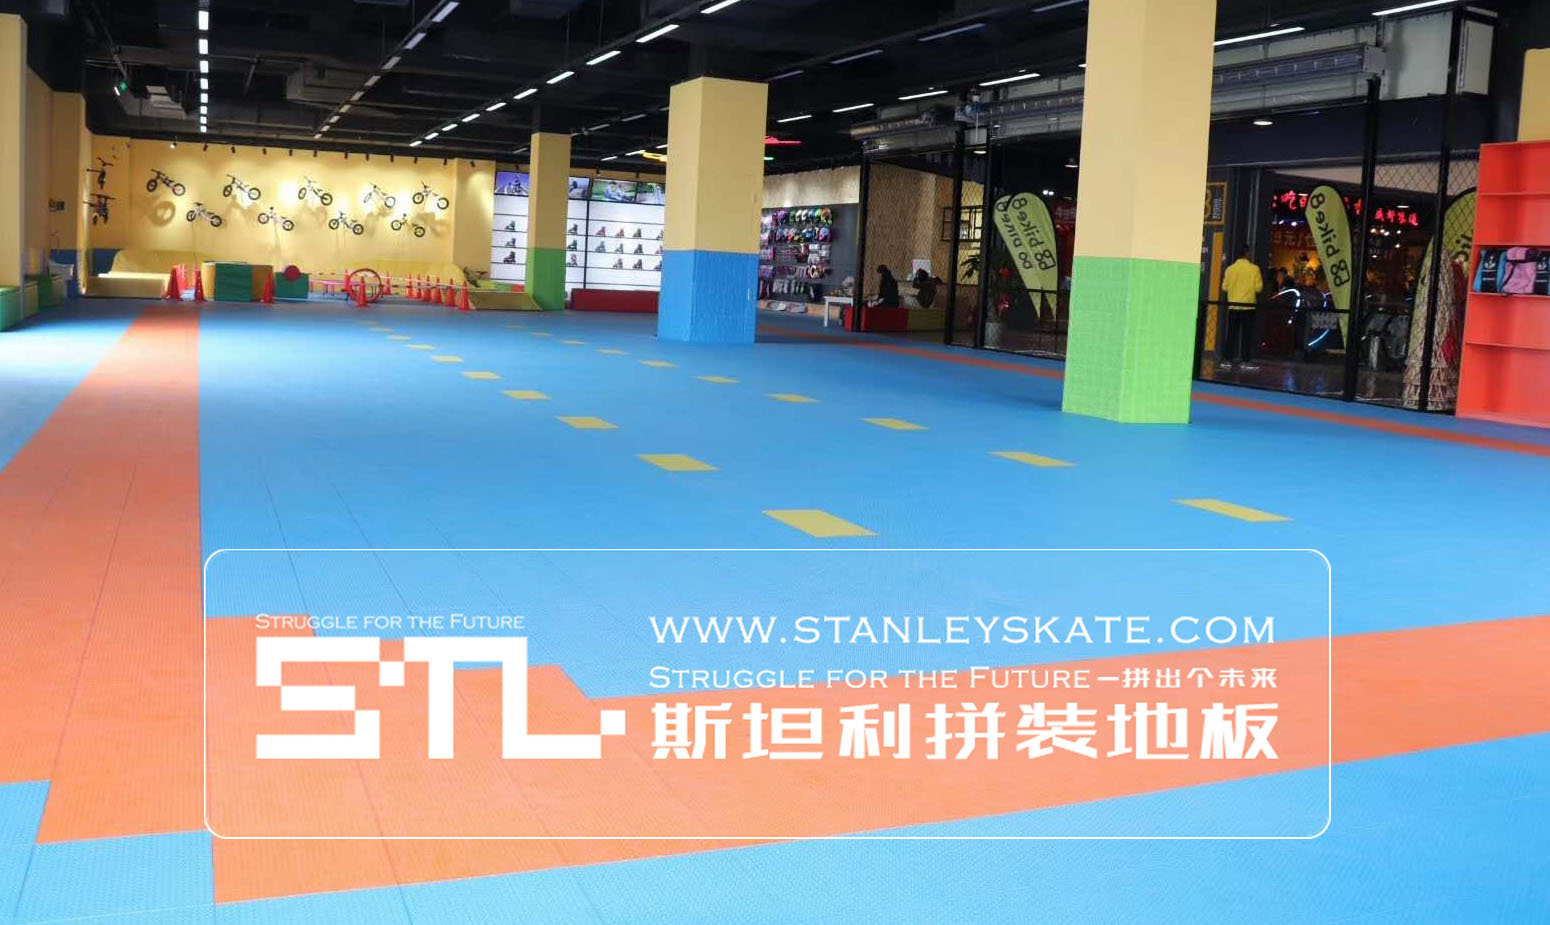 山东威海米高运动馆308平斯坦利拼装地板室外轮滑球场,斯坦利轮滑拼装地板案例展示